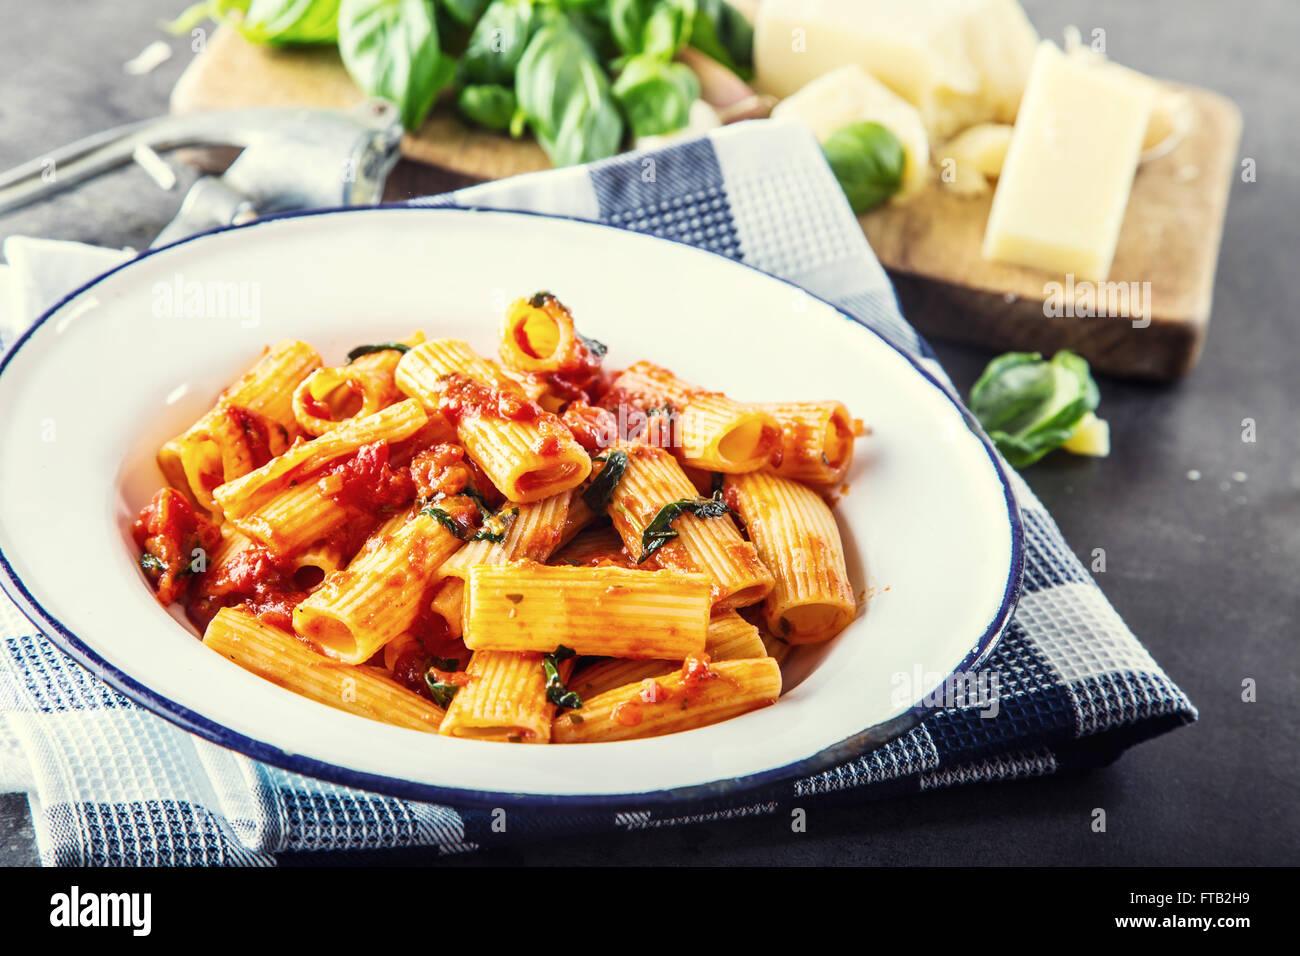 Nudeln. Italienische und mediterrane Küche. Pasta Rigatoni mit ...